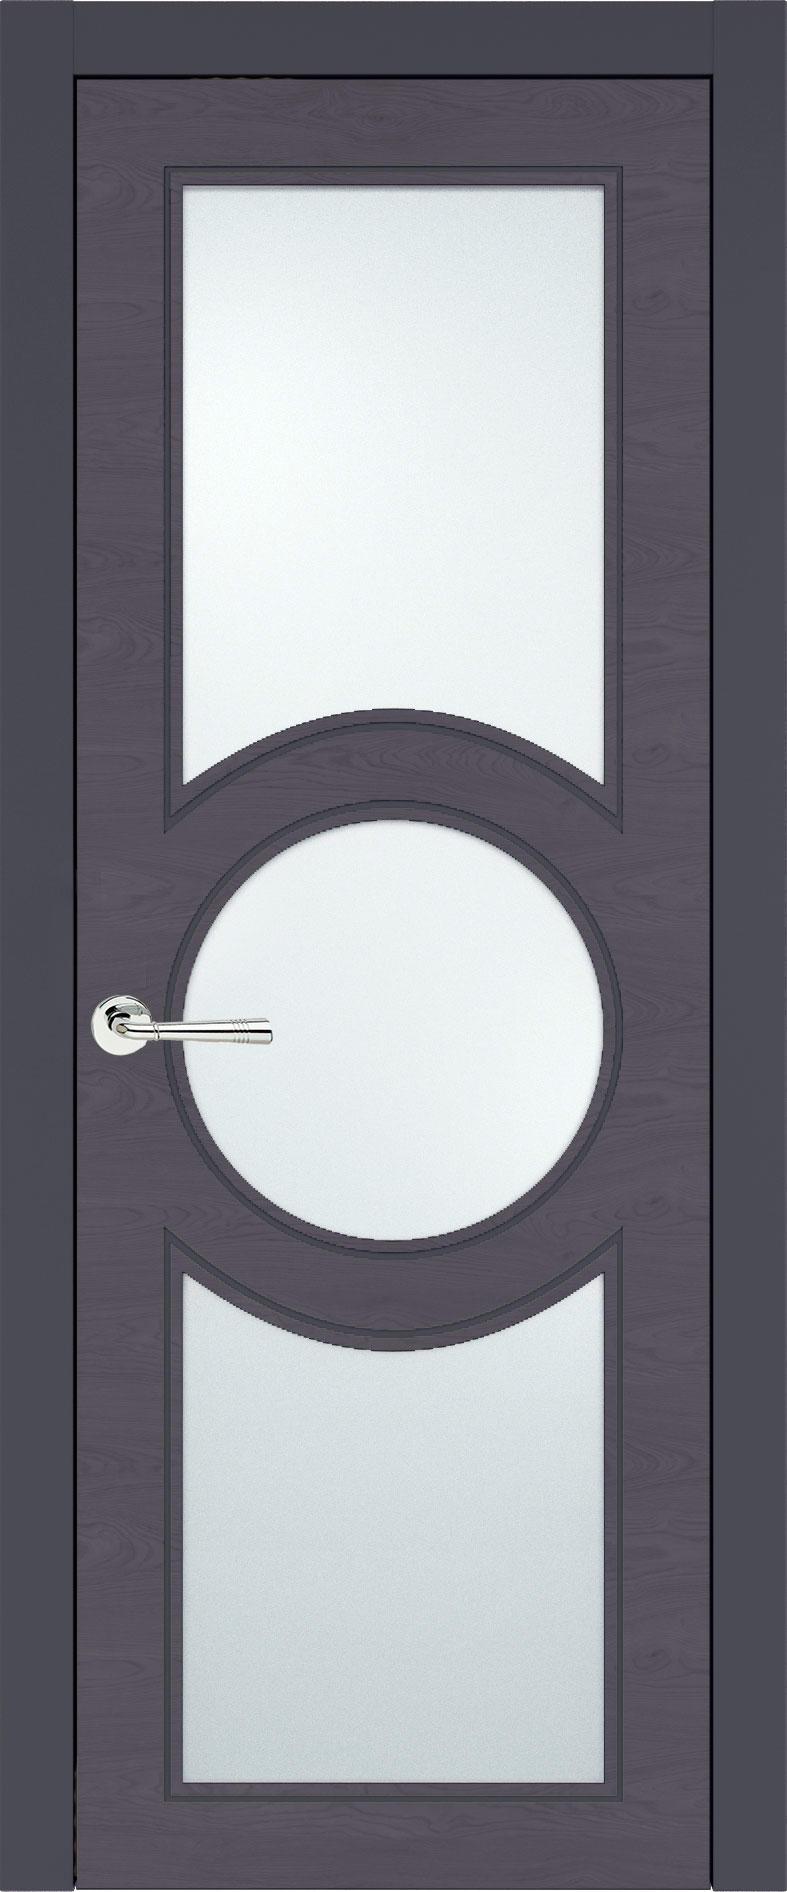 Ravenna Neo Classic цвет - Графитово-серая эмаль по шпону (RAL 7024) Со стеклом (ДО)